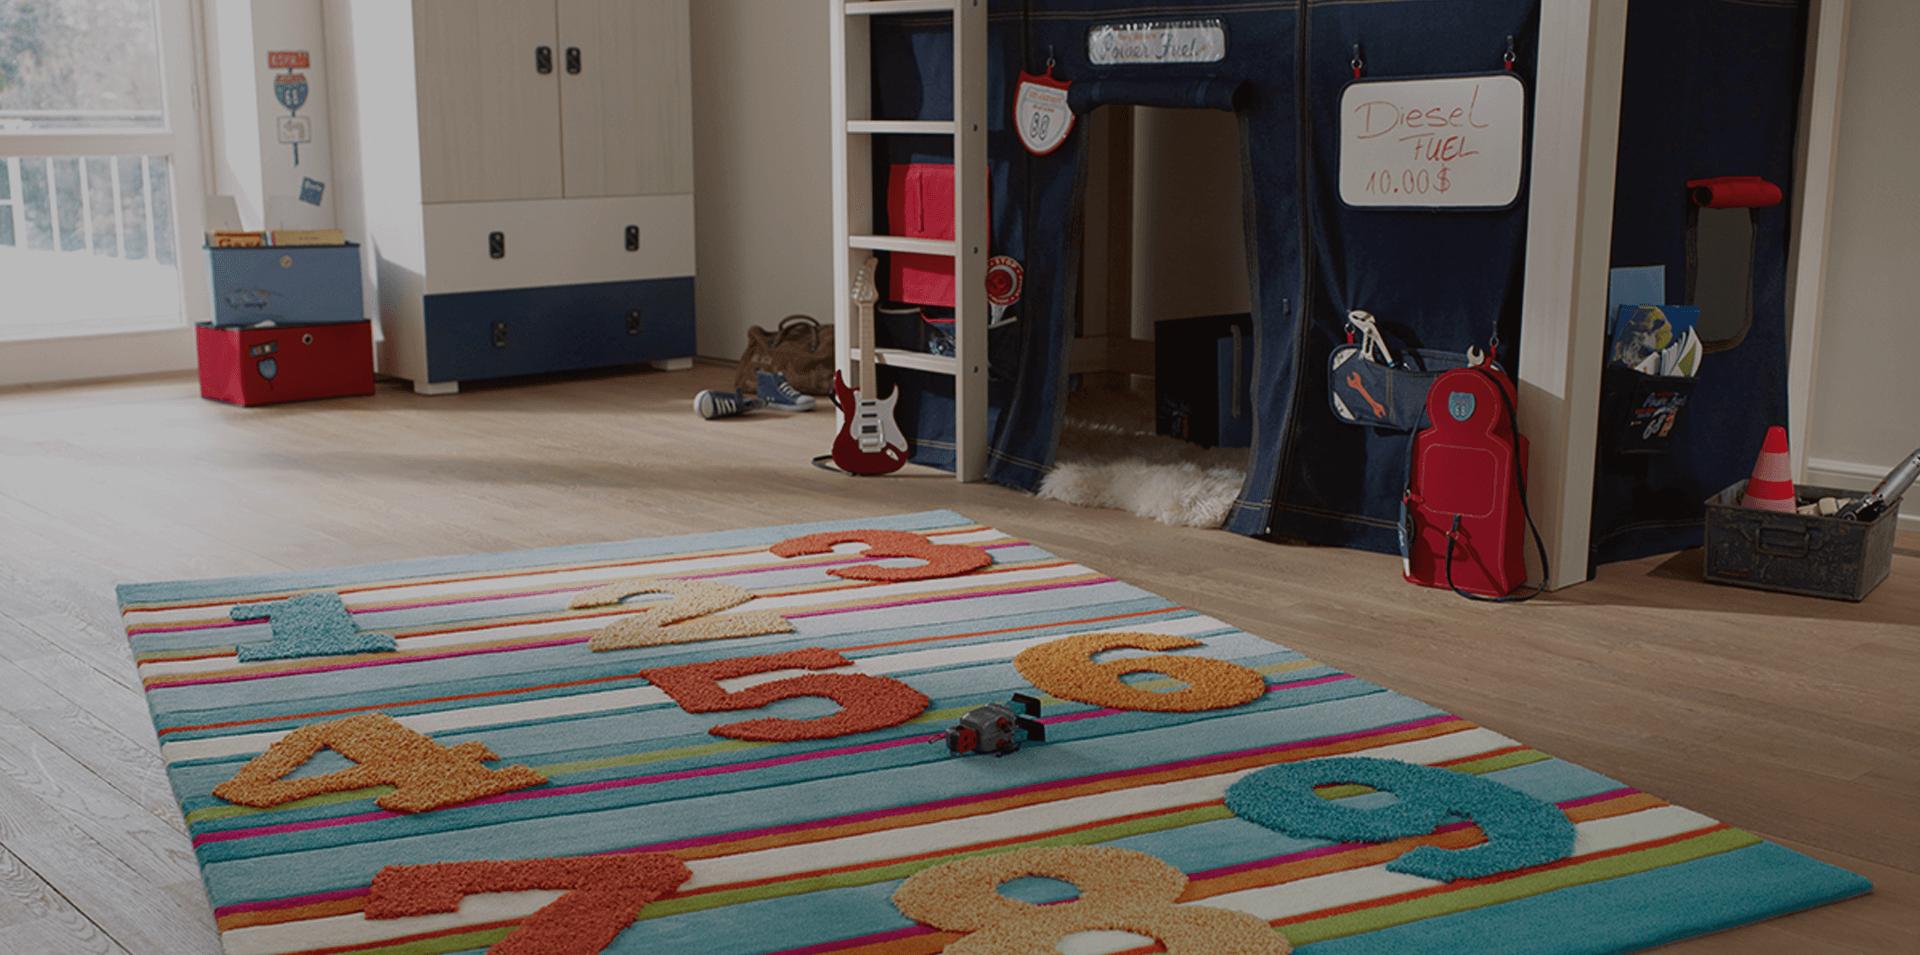 Køb gulve, tæpper, måtter billigt! vi forhandler gulve og tæpper ...